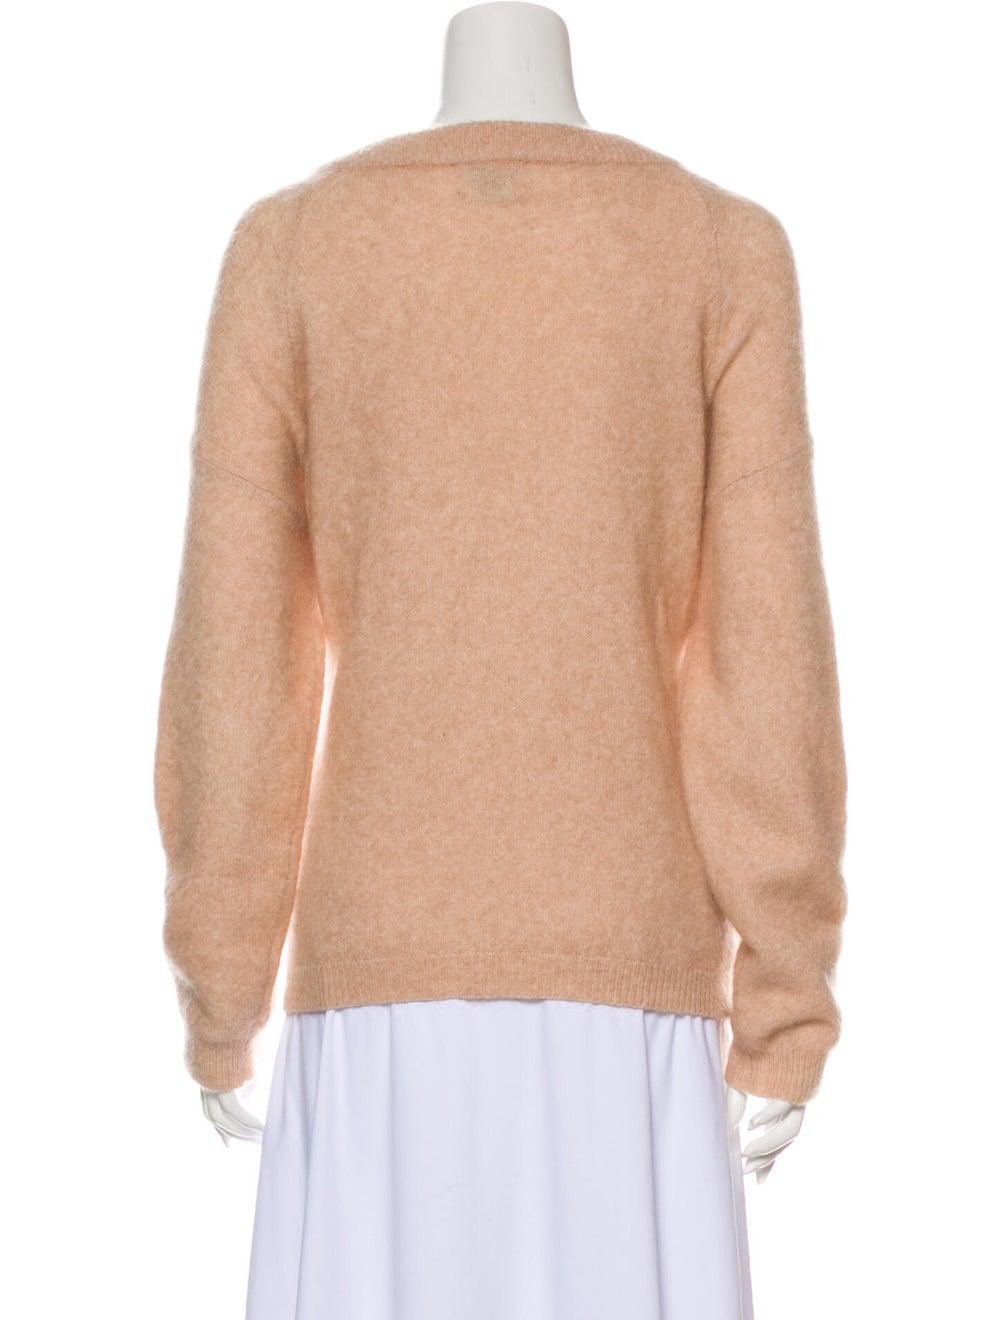 Acne Studios Bateau Neckline Sweater - image 3